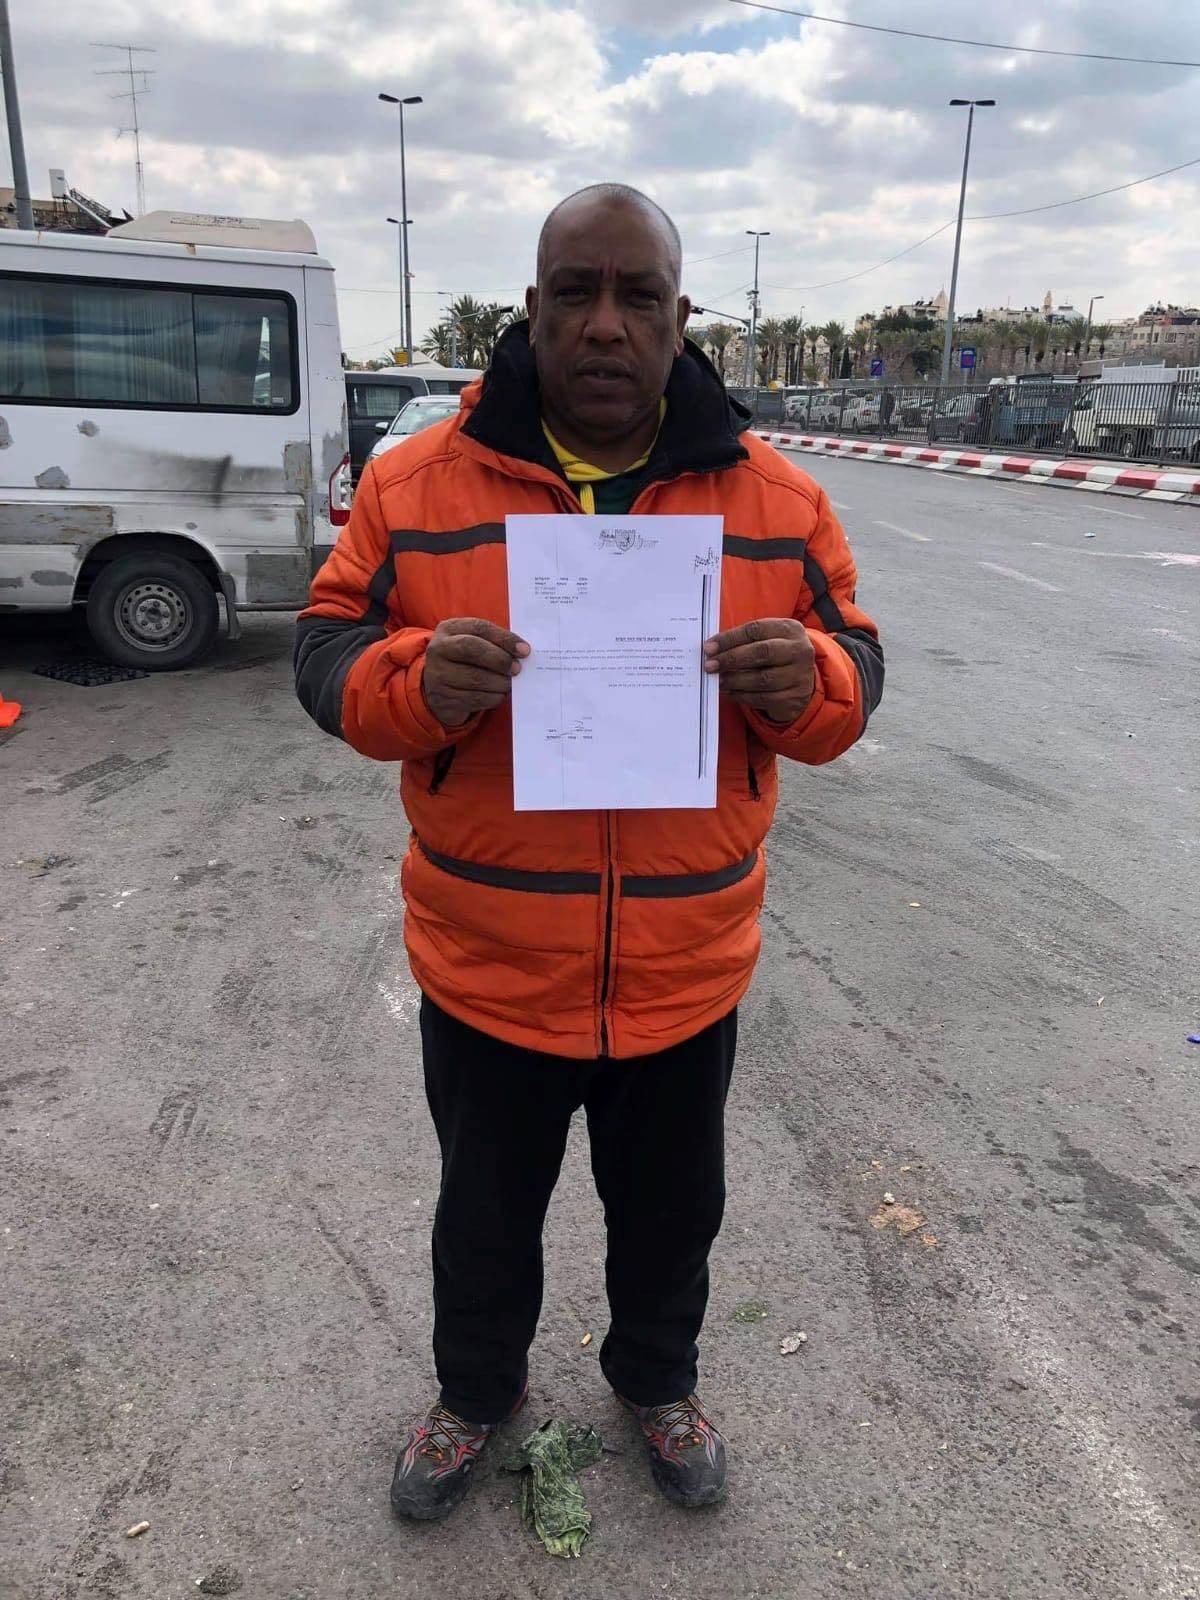 المفتي العام للقدس يحذر من عودة المستوطنين اقتحام باحات الأقصى